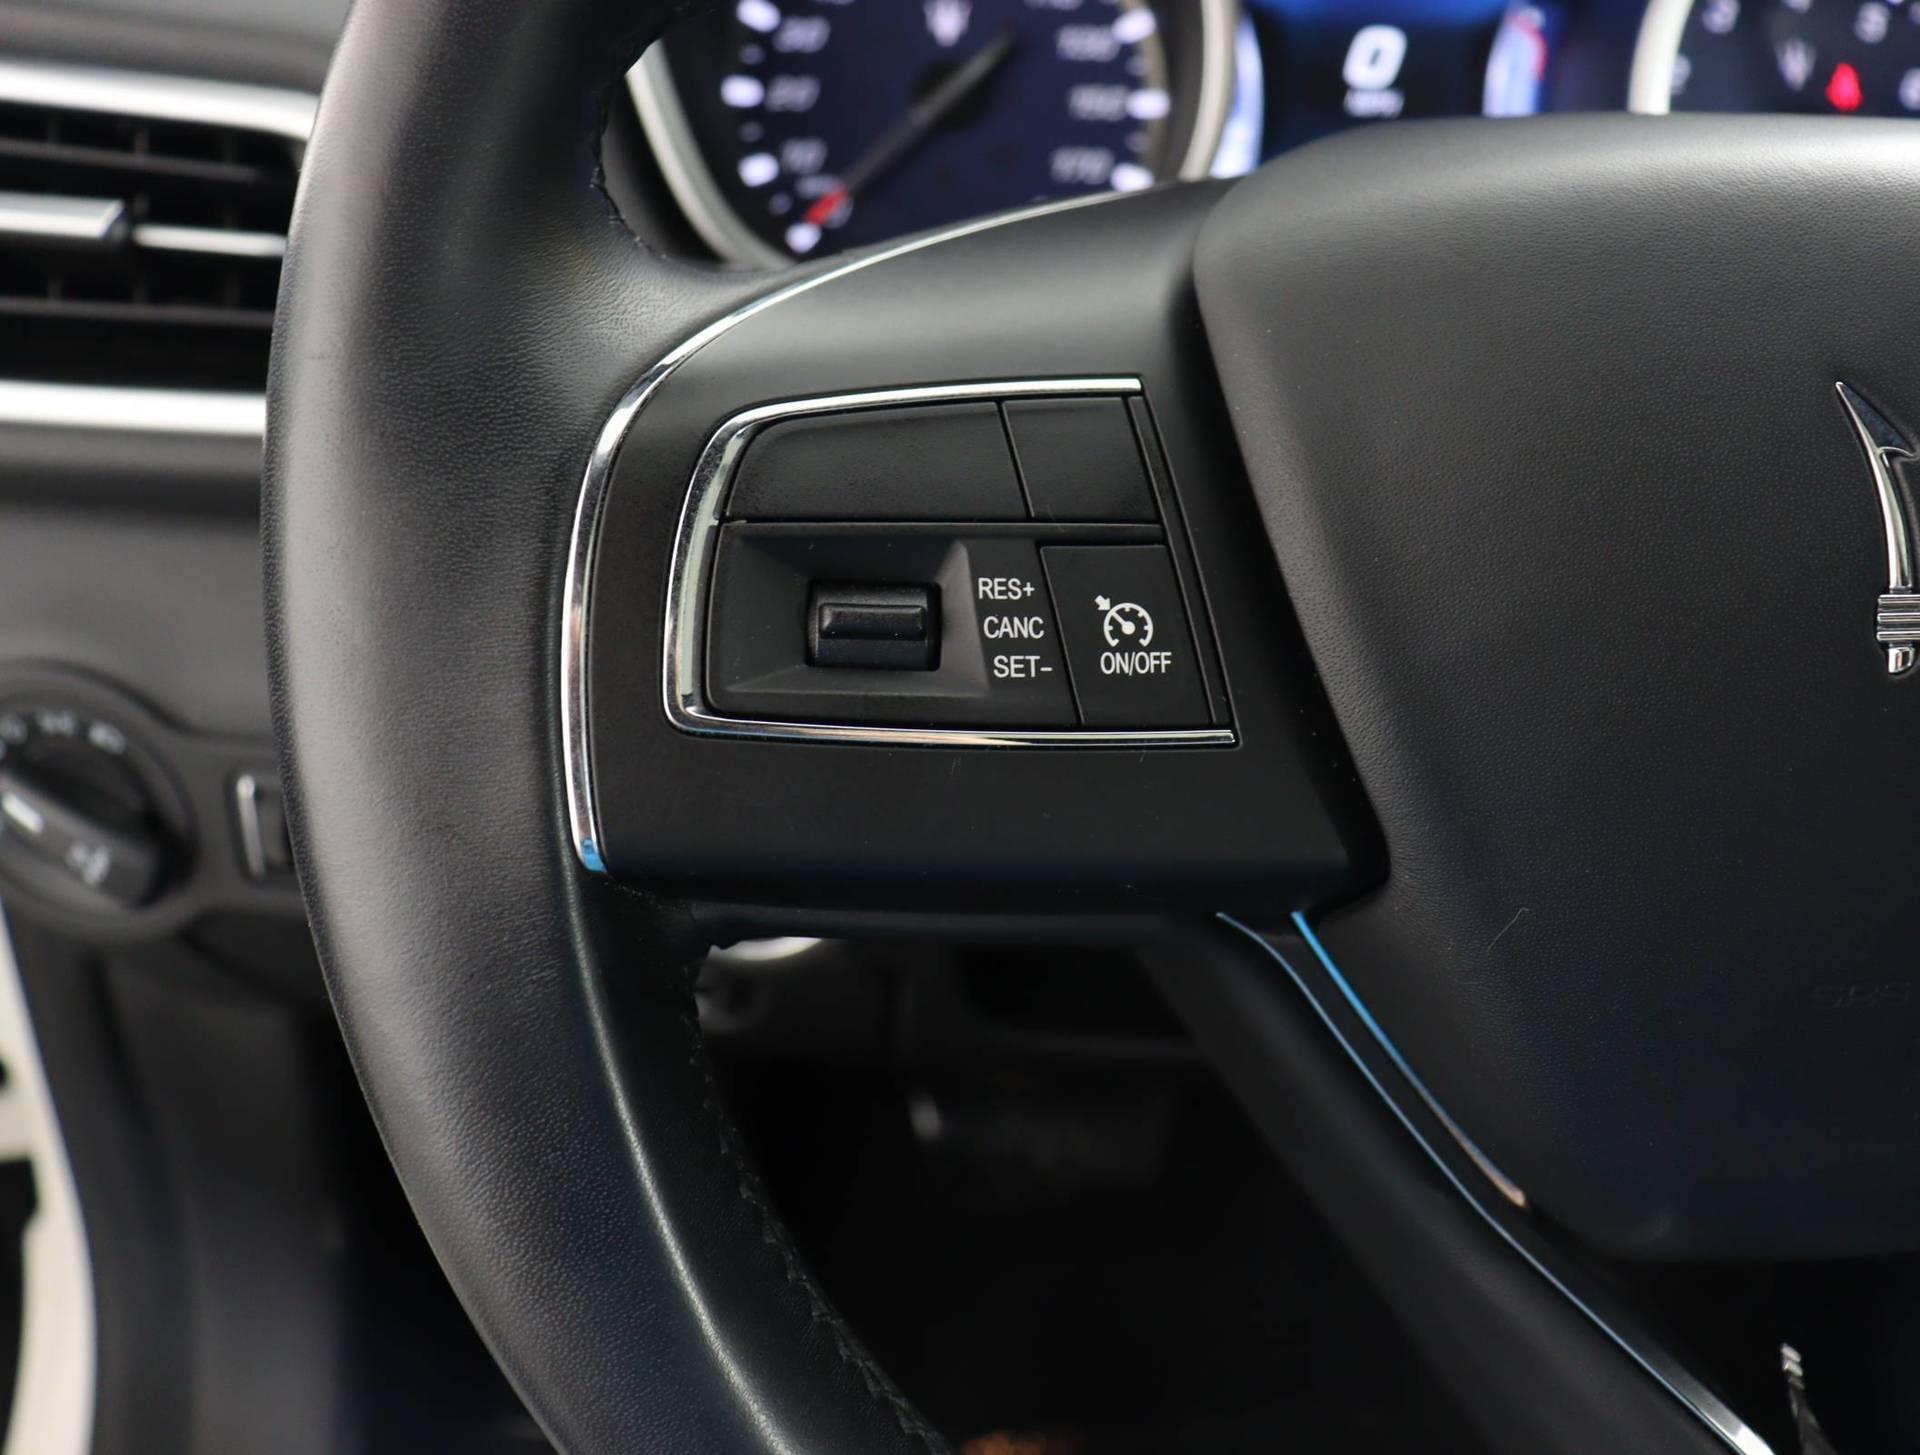 used vehicle - Sedan MASERATI GHIBLI 2017